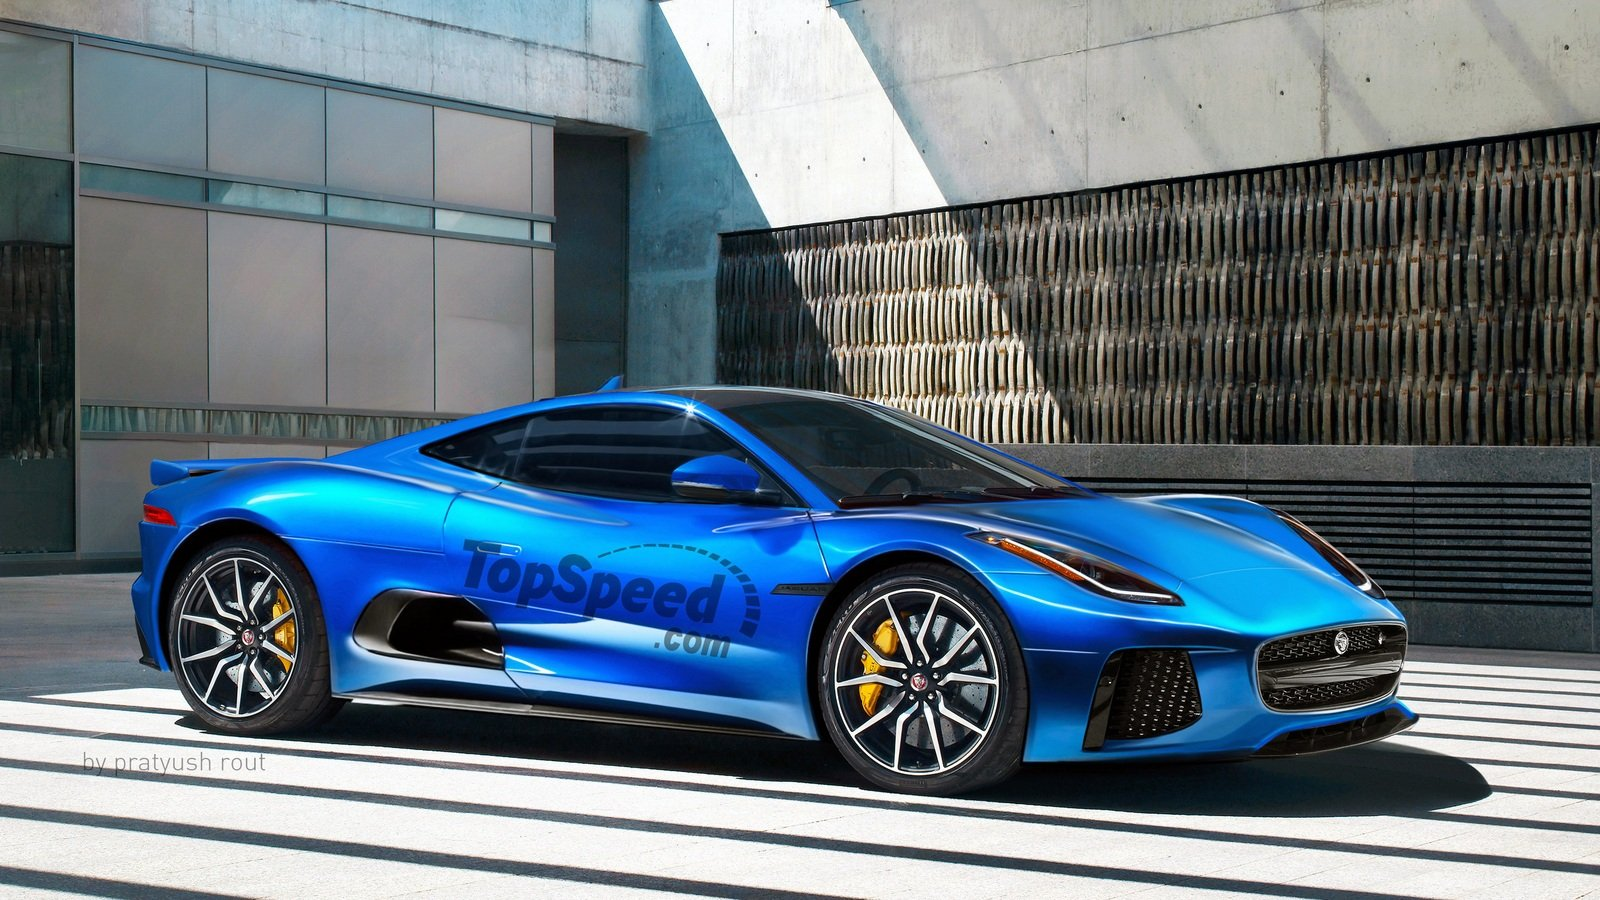 Jaguar J Type Review